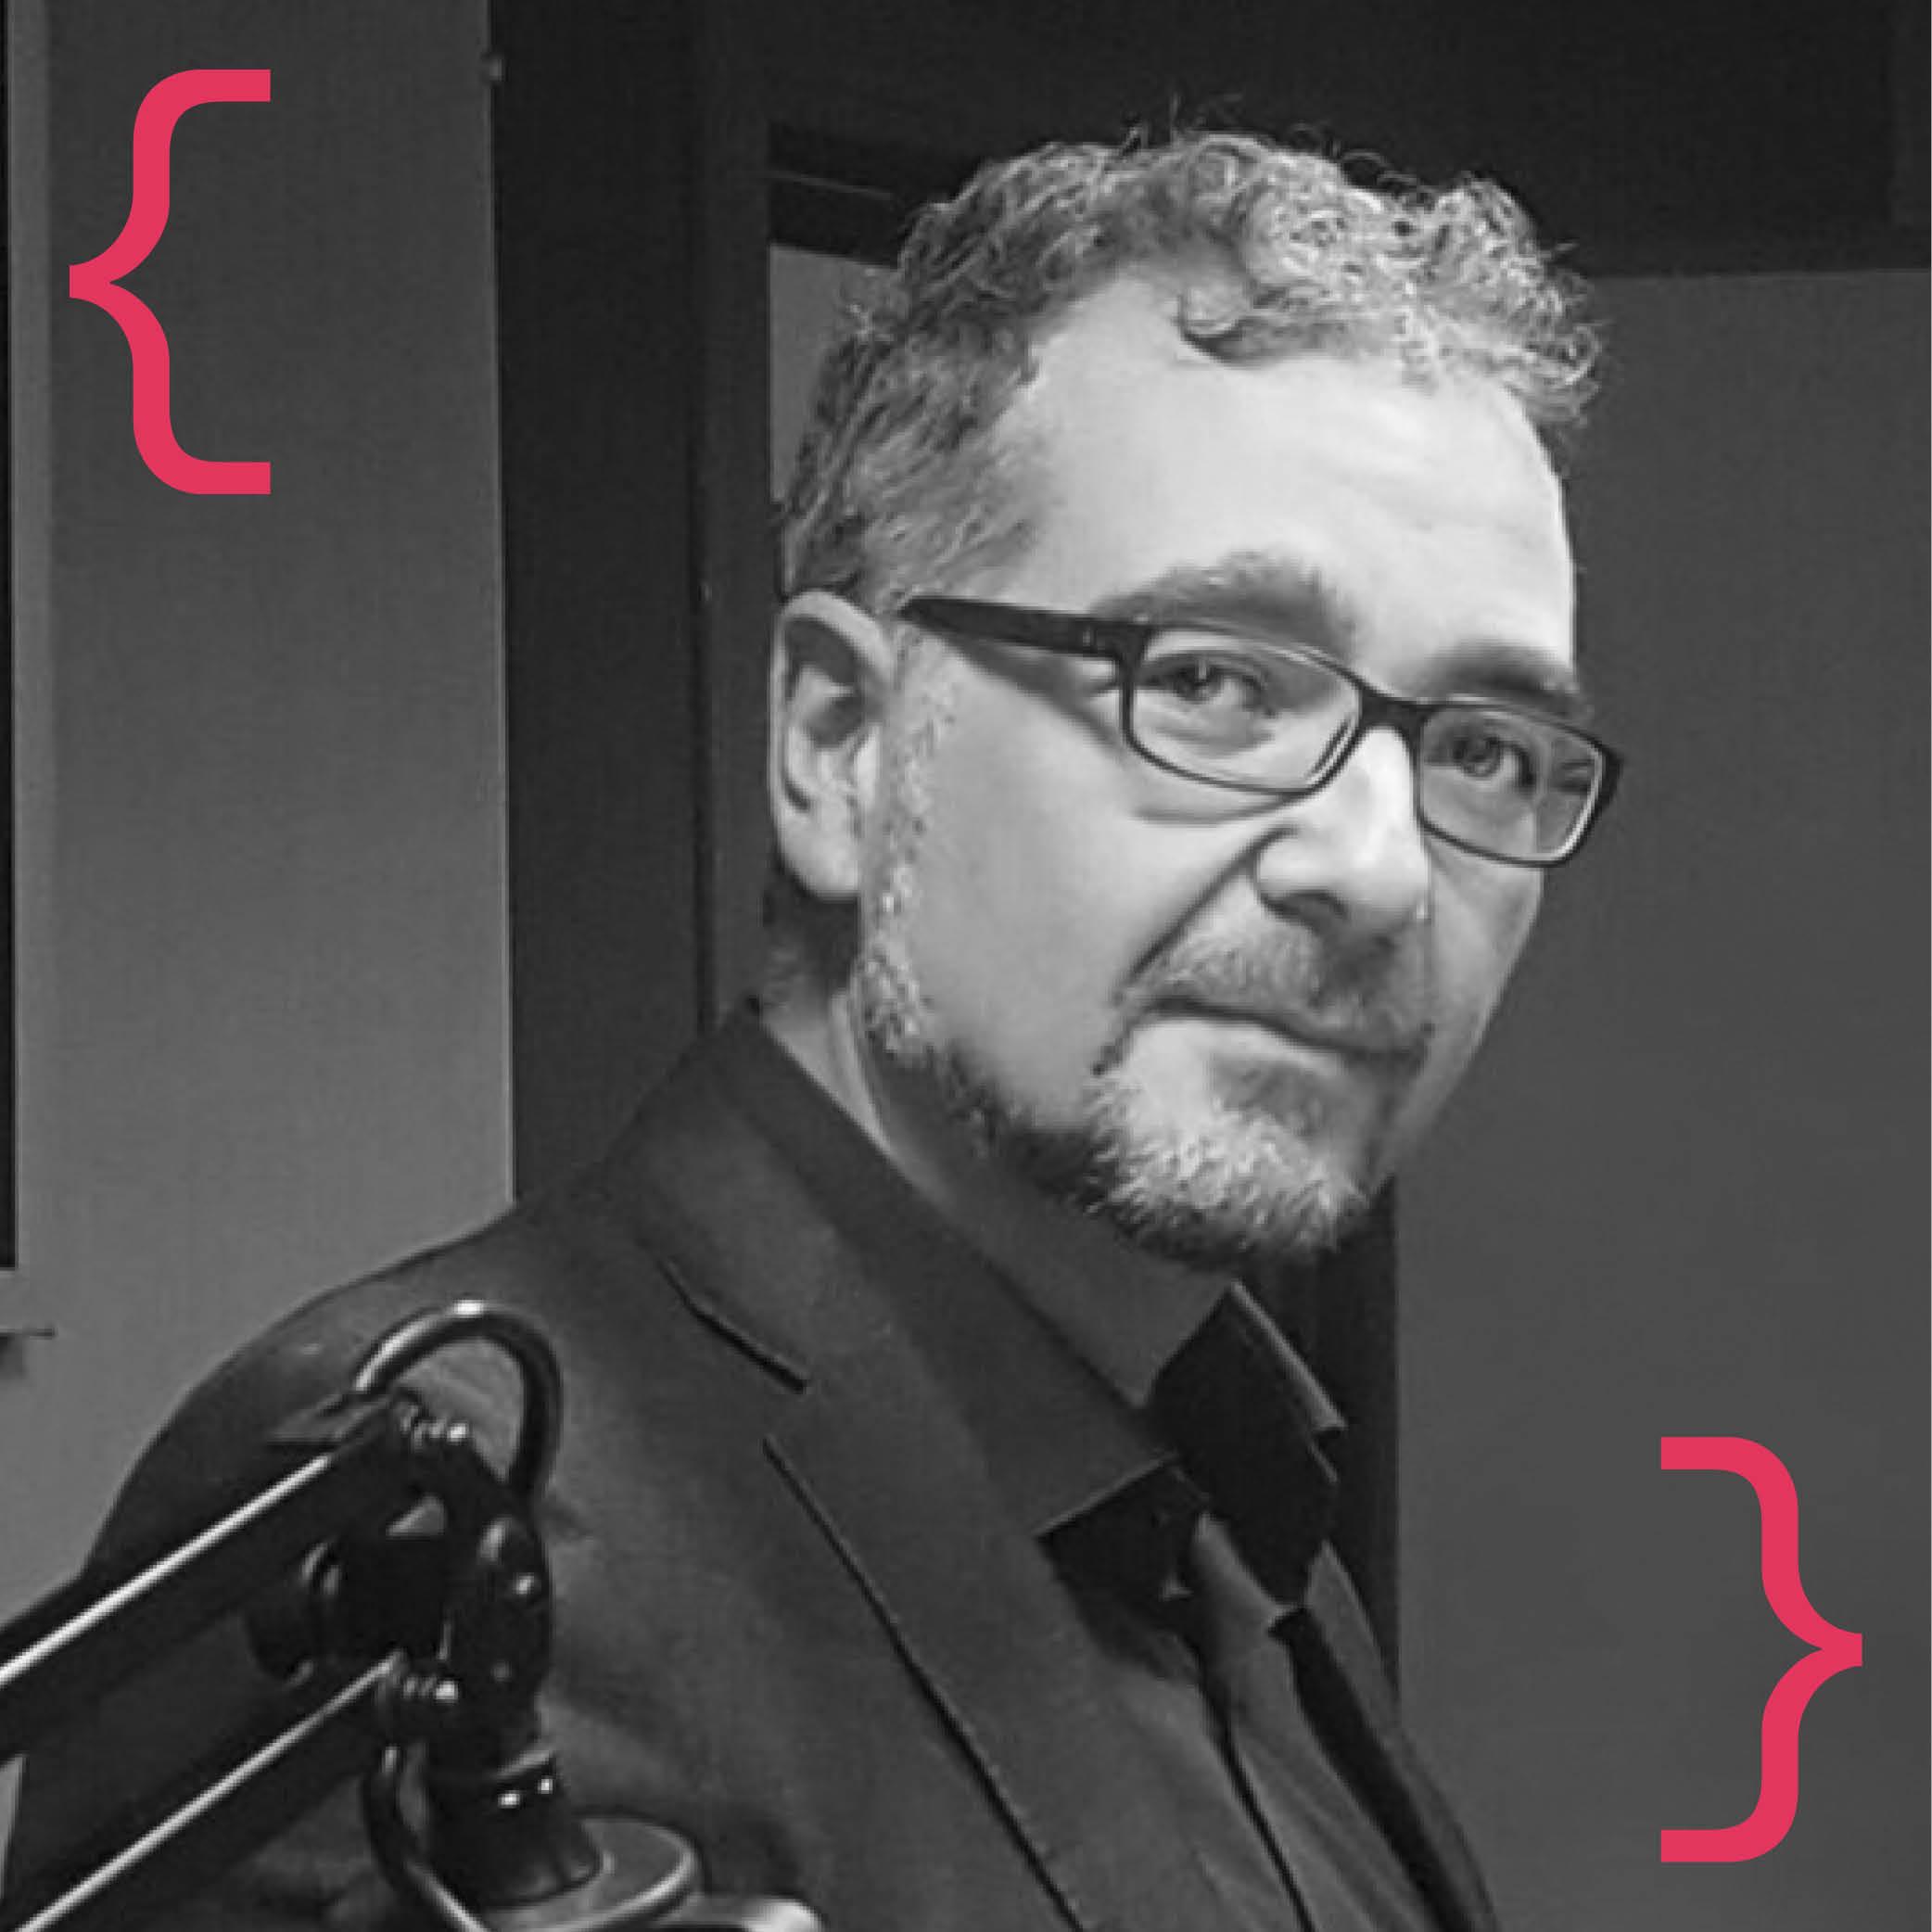 Stefano Epifani